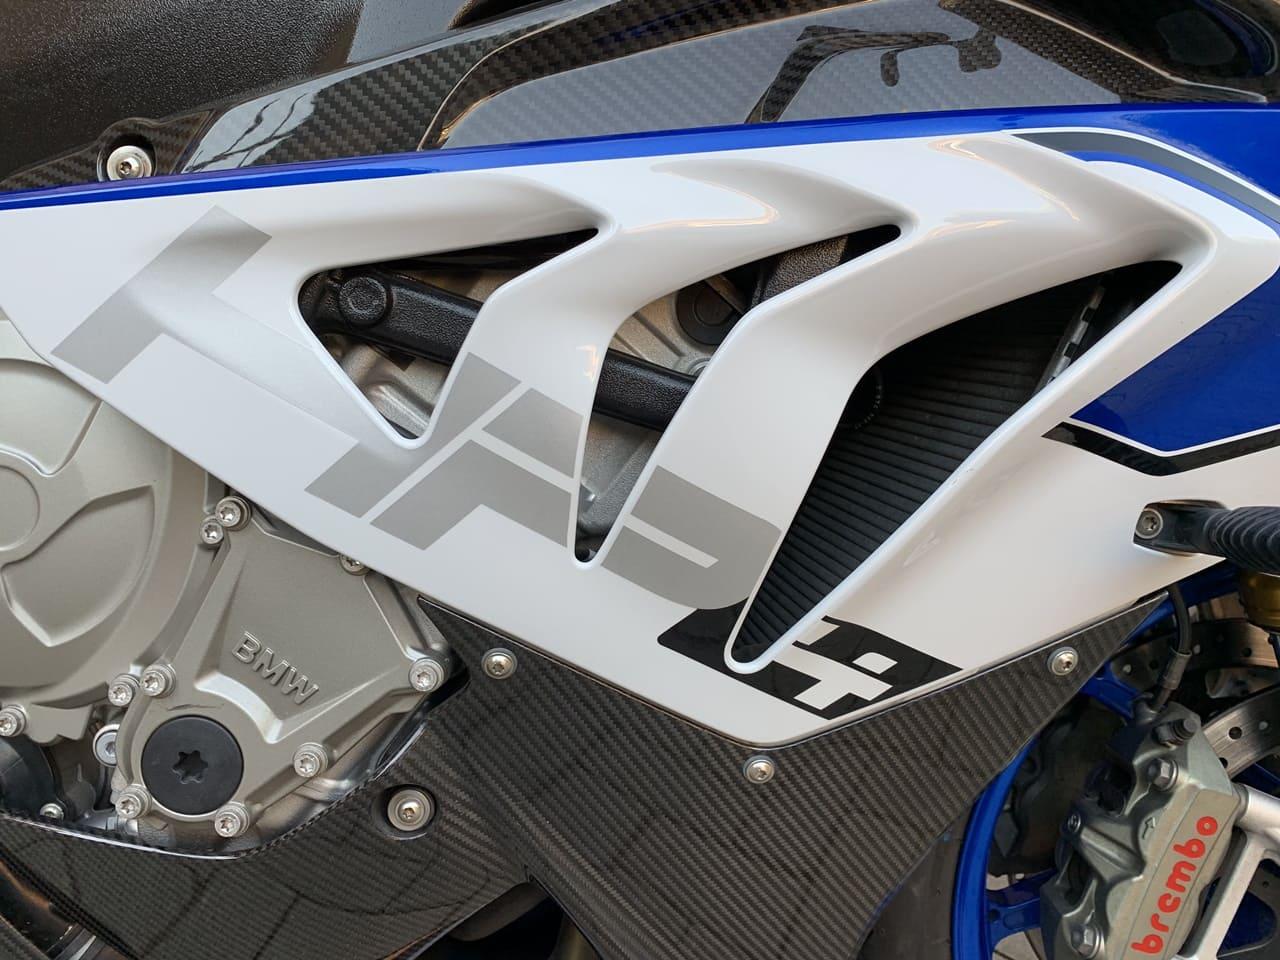 BMW HP4 side fairing